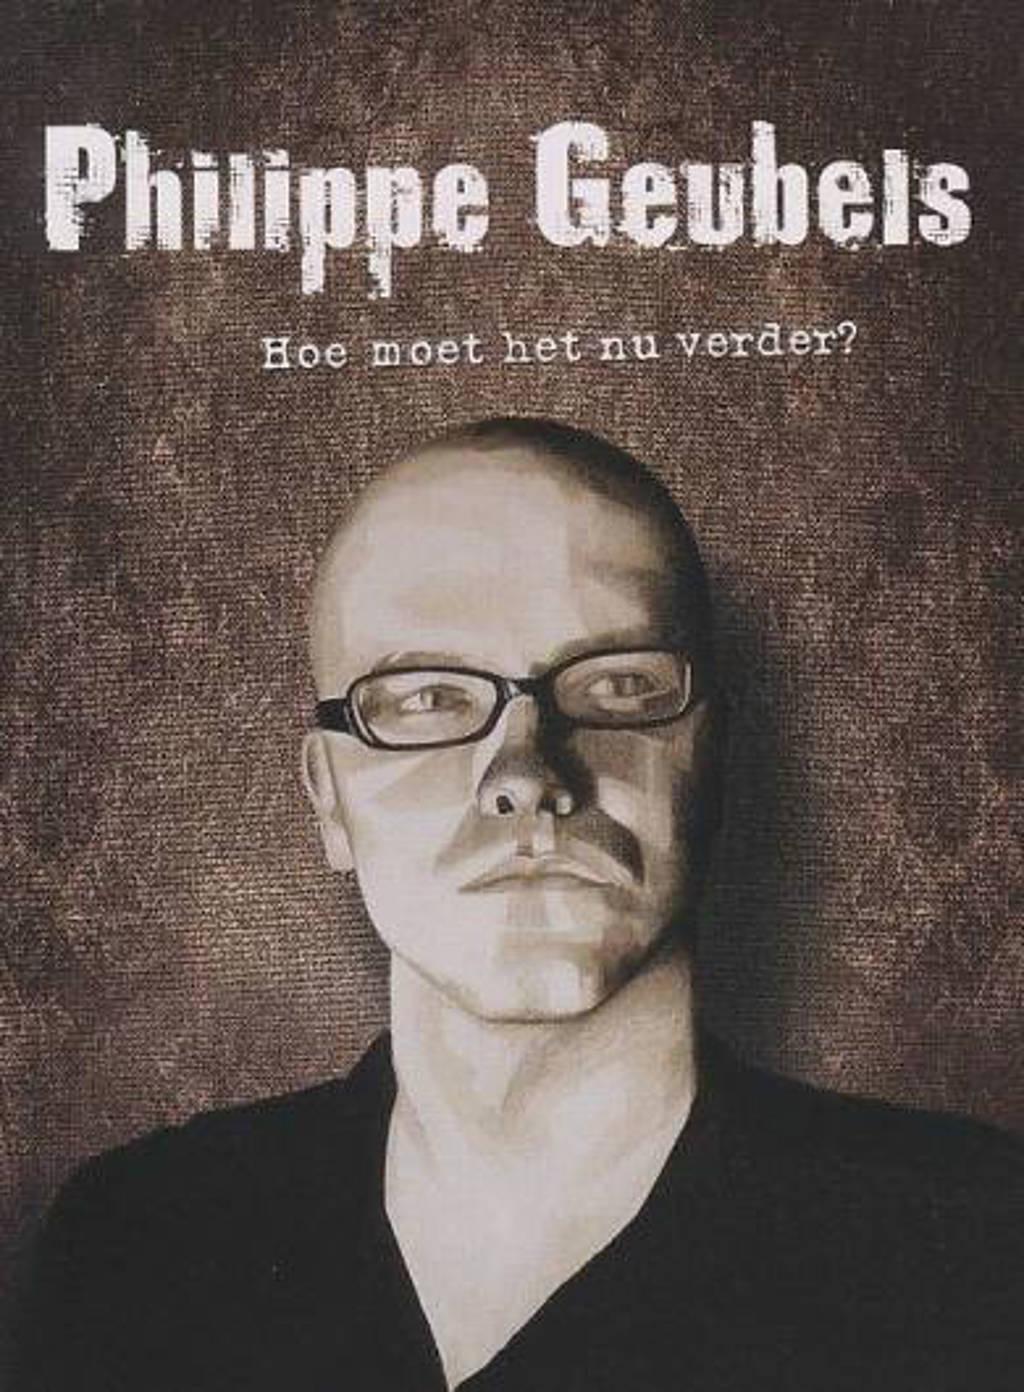 Philippe Geubels - Hoe moet het nu verder (DVD)